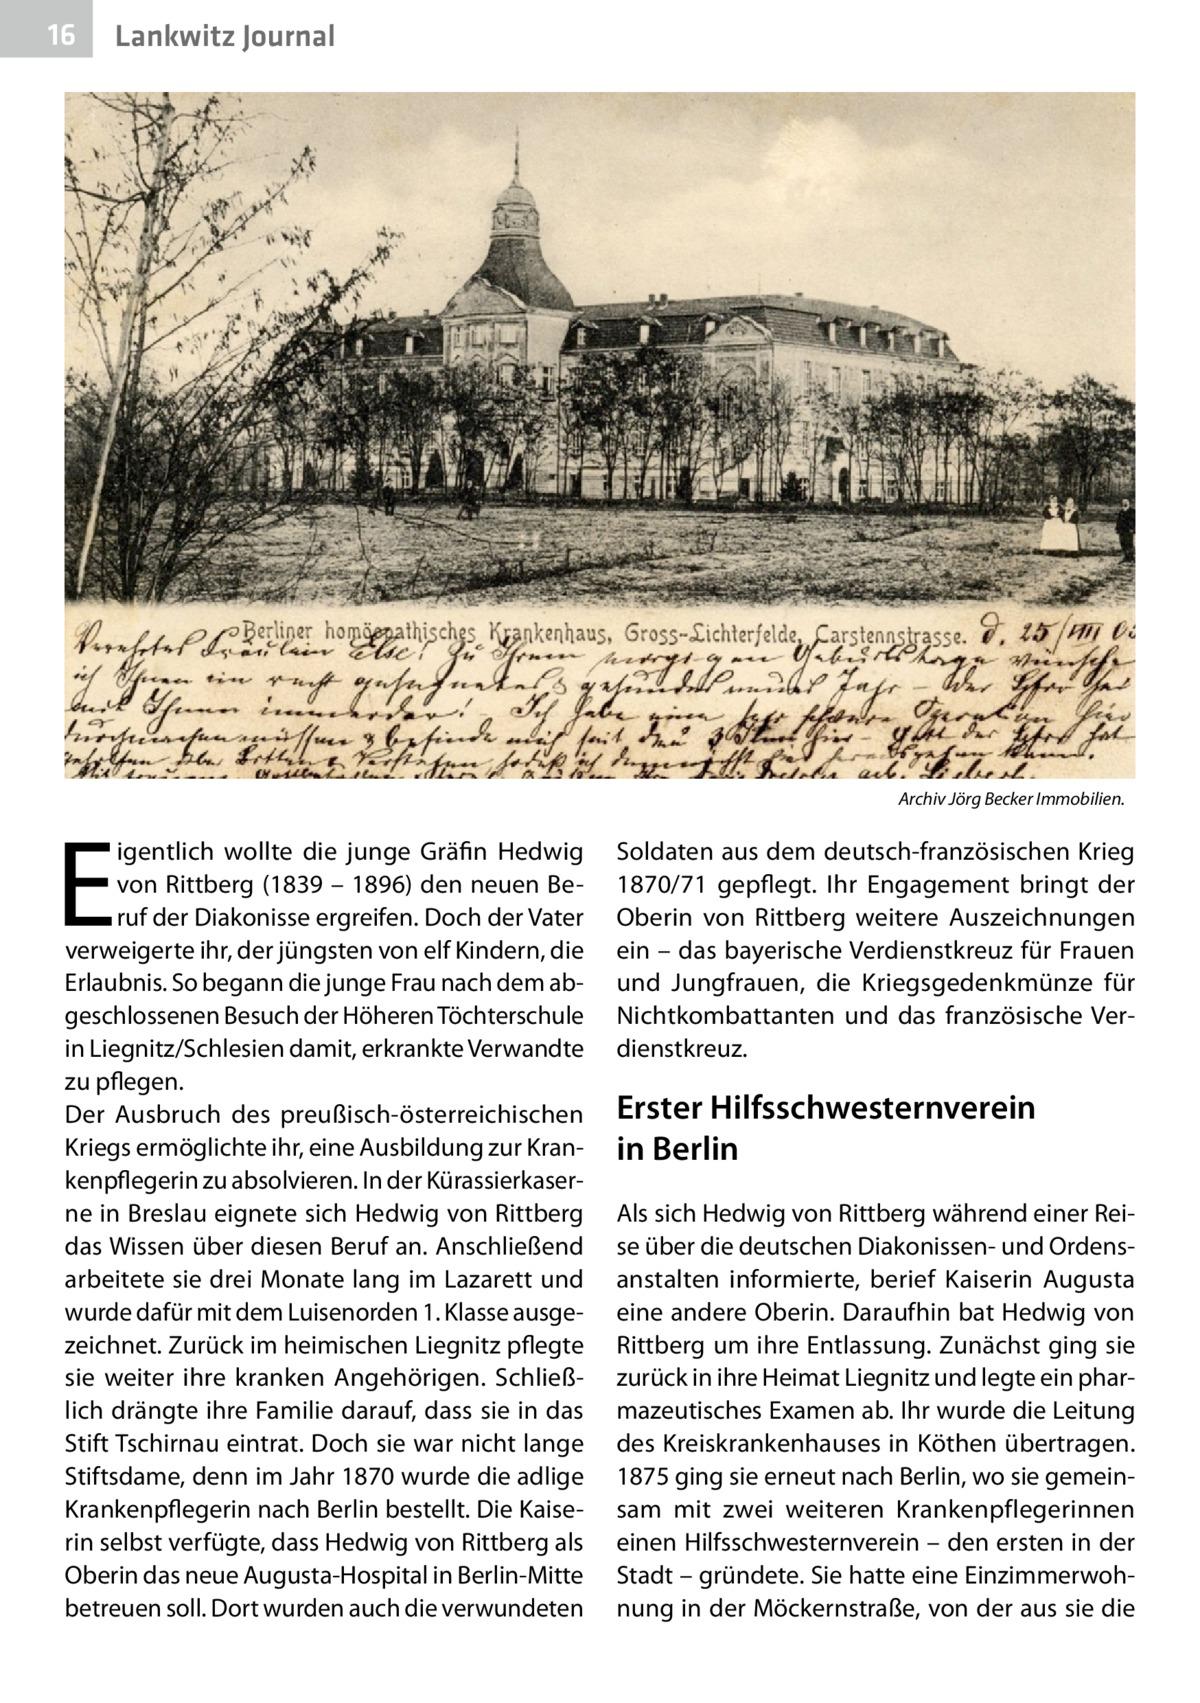 16  Lankwitz Journal  E  igentlich wollte die junge Gräfin Hedwig von Rittberg (1839 – 1896) den neuen Beruf der Diakonisse ergreifen. Doch der Vater verweigerte ihr, der jüngsten von elf Kindern, die Erlaubnis. So begann die junge Frau nach dem abgeschlossenen Besuch der Höheren Töchterschule in Liegnitz/Schlesien damit, erkrankte Verwandte zu pflegen. Der Ausbruch des preußisch-österreichischen Kriegs ermöglichte ihr, eine Ausbildung zur Krankenpflegerin zu absolvieren. In der Kürassierkaserne in Breslau eignete sich Hedwig von Rittberg das Wissen über diesen Beruf an. Anschließend arbeitete sie drei Monate lang im Lazarett und wurde dafür mit dem Luisenorden 1. Klasse ausgezeichnet. Zurück im heimischen Liegnitz pflegte sie weiter ihre kranken Angehörigen. Schließlich drängte ihre Familie darauf, dass sie in das Stift Tschirnau eintrat. Doch sie war nicht lange Stiftsdame, denn im Jahr 1870 wurde die adlige Krankenpflegerin nach Berlin bestellt. Die Kaiserin selbst verfügte, dass Hedwig von Rittberg als Oberin das neue Augusta-Hospital in Berlin-Mitte betreuen soll. Dort wurden auch die verwundeten  Archiv Jörg Becker Immobilien.  Soldaten aus dem deutsch-französischen Krieg 1870/71 gepflegt. Ihr Engagement bringt der Oberin von Rittberg weitere Auszeichnungen ein – das bayerische Verdienstkreuz für Frauen und Jungfrauen, die Kriegsgedenkmünze für Nichtkombattanten und das französische Verdienstkreuz.  Erster Hilfsschwesternverein in Berlin Als sich Hedwig von Rittberg während einer Reise über die deutschen Diakonissen- und Ordensanstalten informierte, berief Kaiserin Augusta eine andere Oberin. Daraufhin bat Hedwig von Rittberg um ihre Entlassung. Zunächst ging sie zurück in ihre Heimat Liegnitz und legte ein pharmazeutisches Examen ab. Ihr wurde die Leitung des Kreiskrankenhauses in Köthen übertragen. 1875 ging sie erneut nach Berlin, wo sie gemeinsam mit zwei weiteren Krankenpflegerinnen einen Hilfsschwesternverein – den ersten in der Stadt – gründete. Sie hat